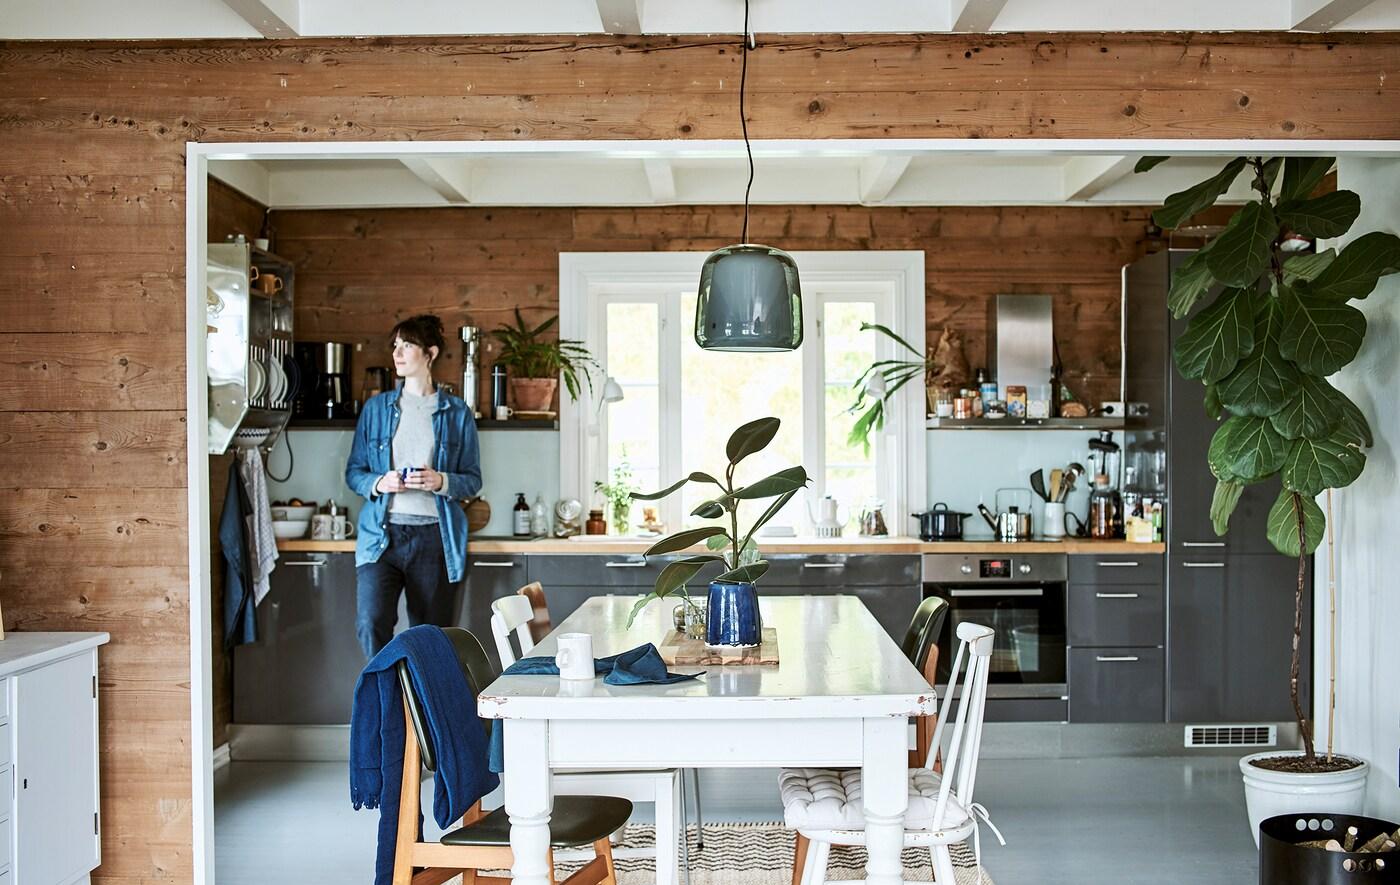 Žena naslonjena na sjajni sivi element u uskoj kuhinji koja se otvara prema blagovaonici s bijelim drvenim stolom i stolicama.